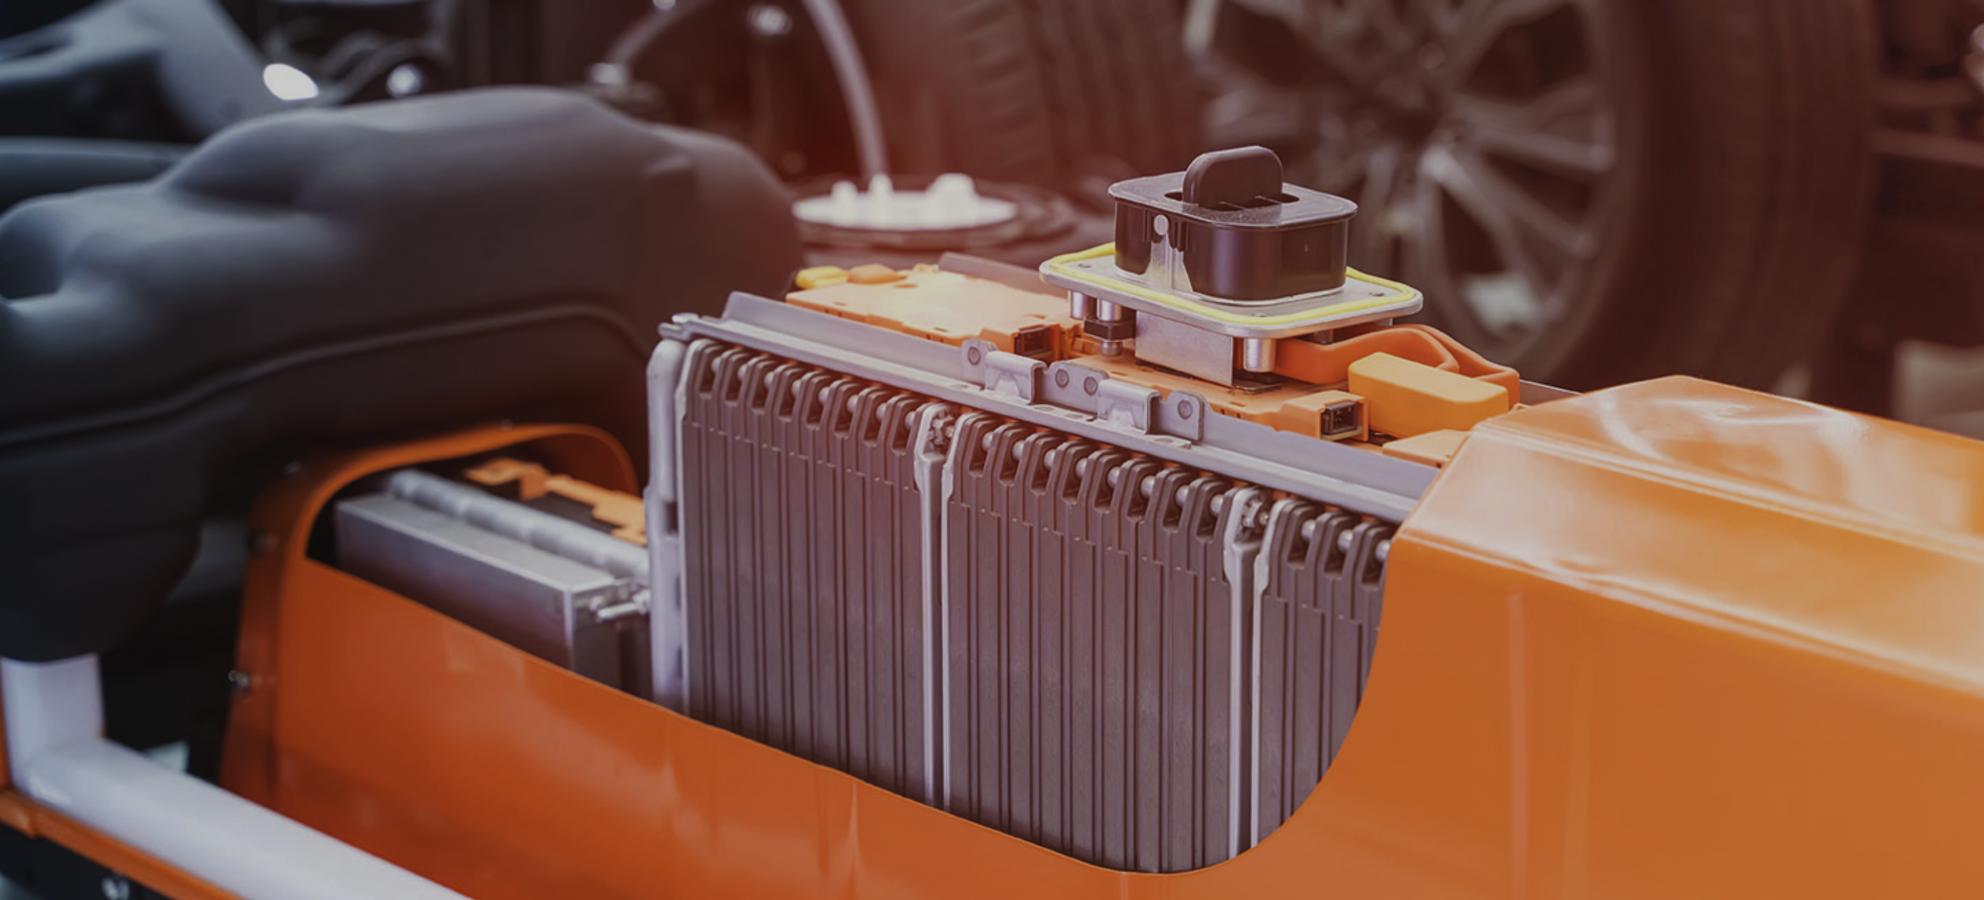 Bebat, jouw partner voor aftercare van lithium-ion batterijen